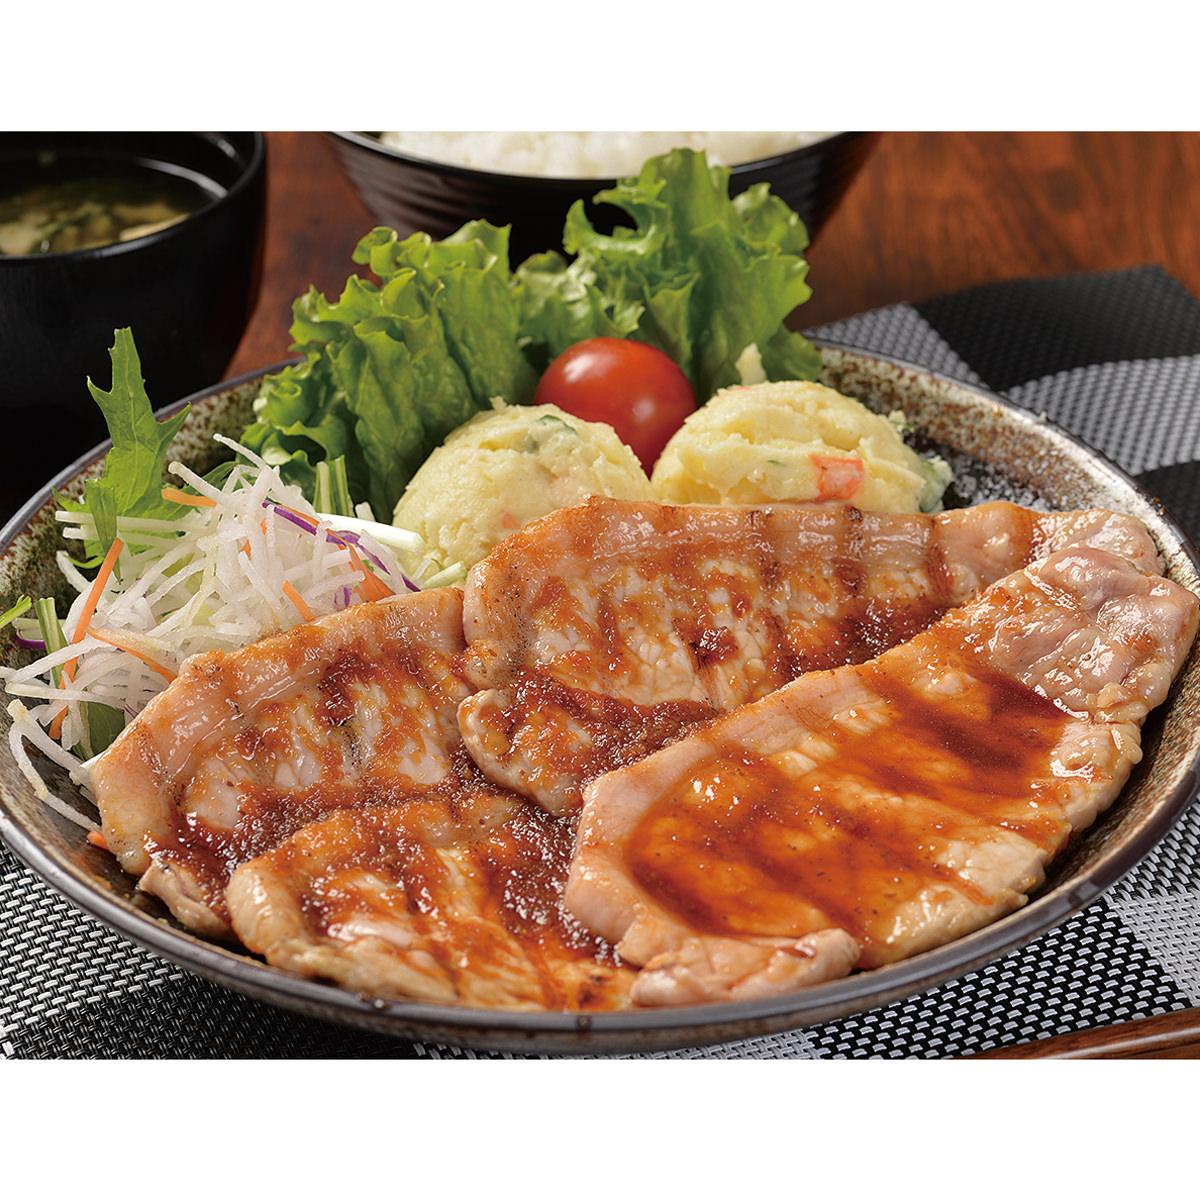 帯広ぶたいちの黄金生姜焼き豚ロースステーキ 〔100g×10〕 北海道 十勝 豚肉惣菜 北海道物産研究所